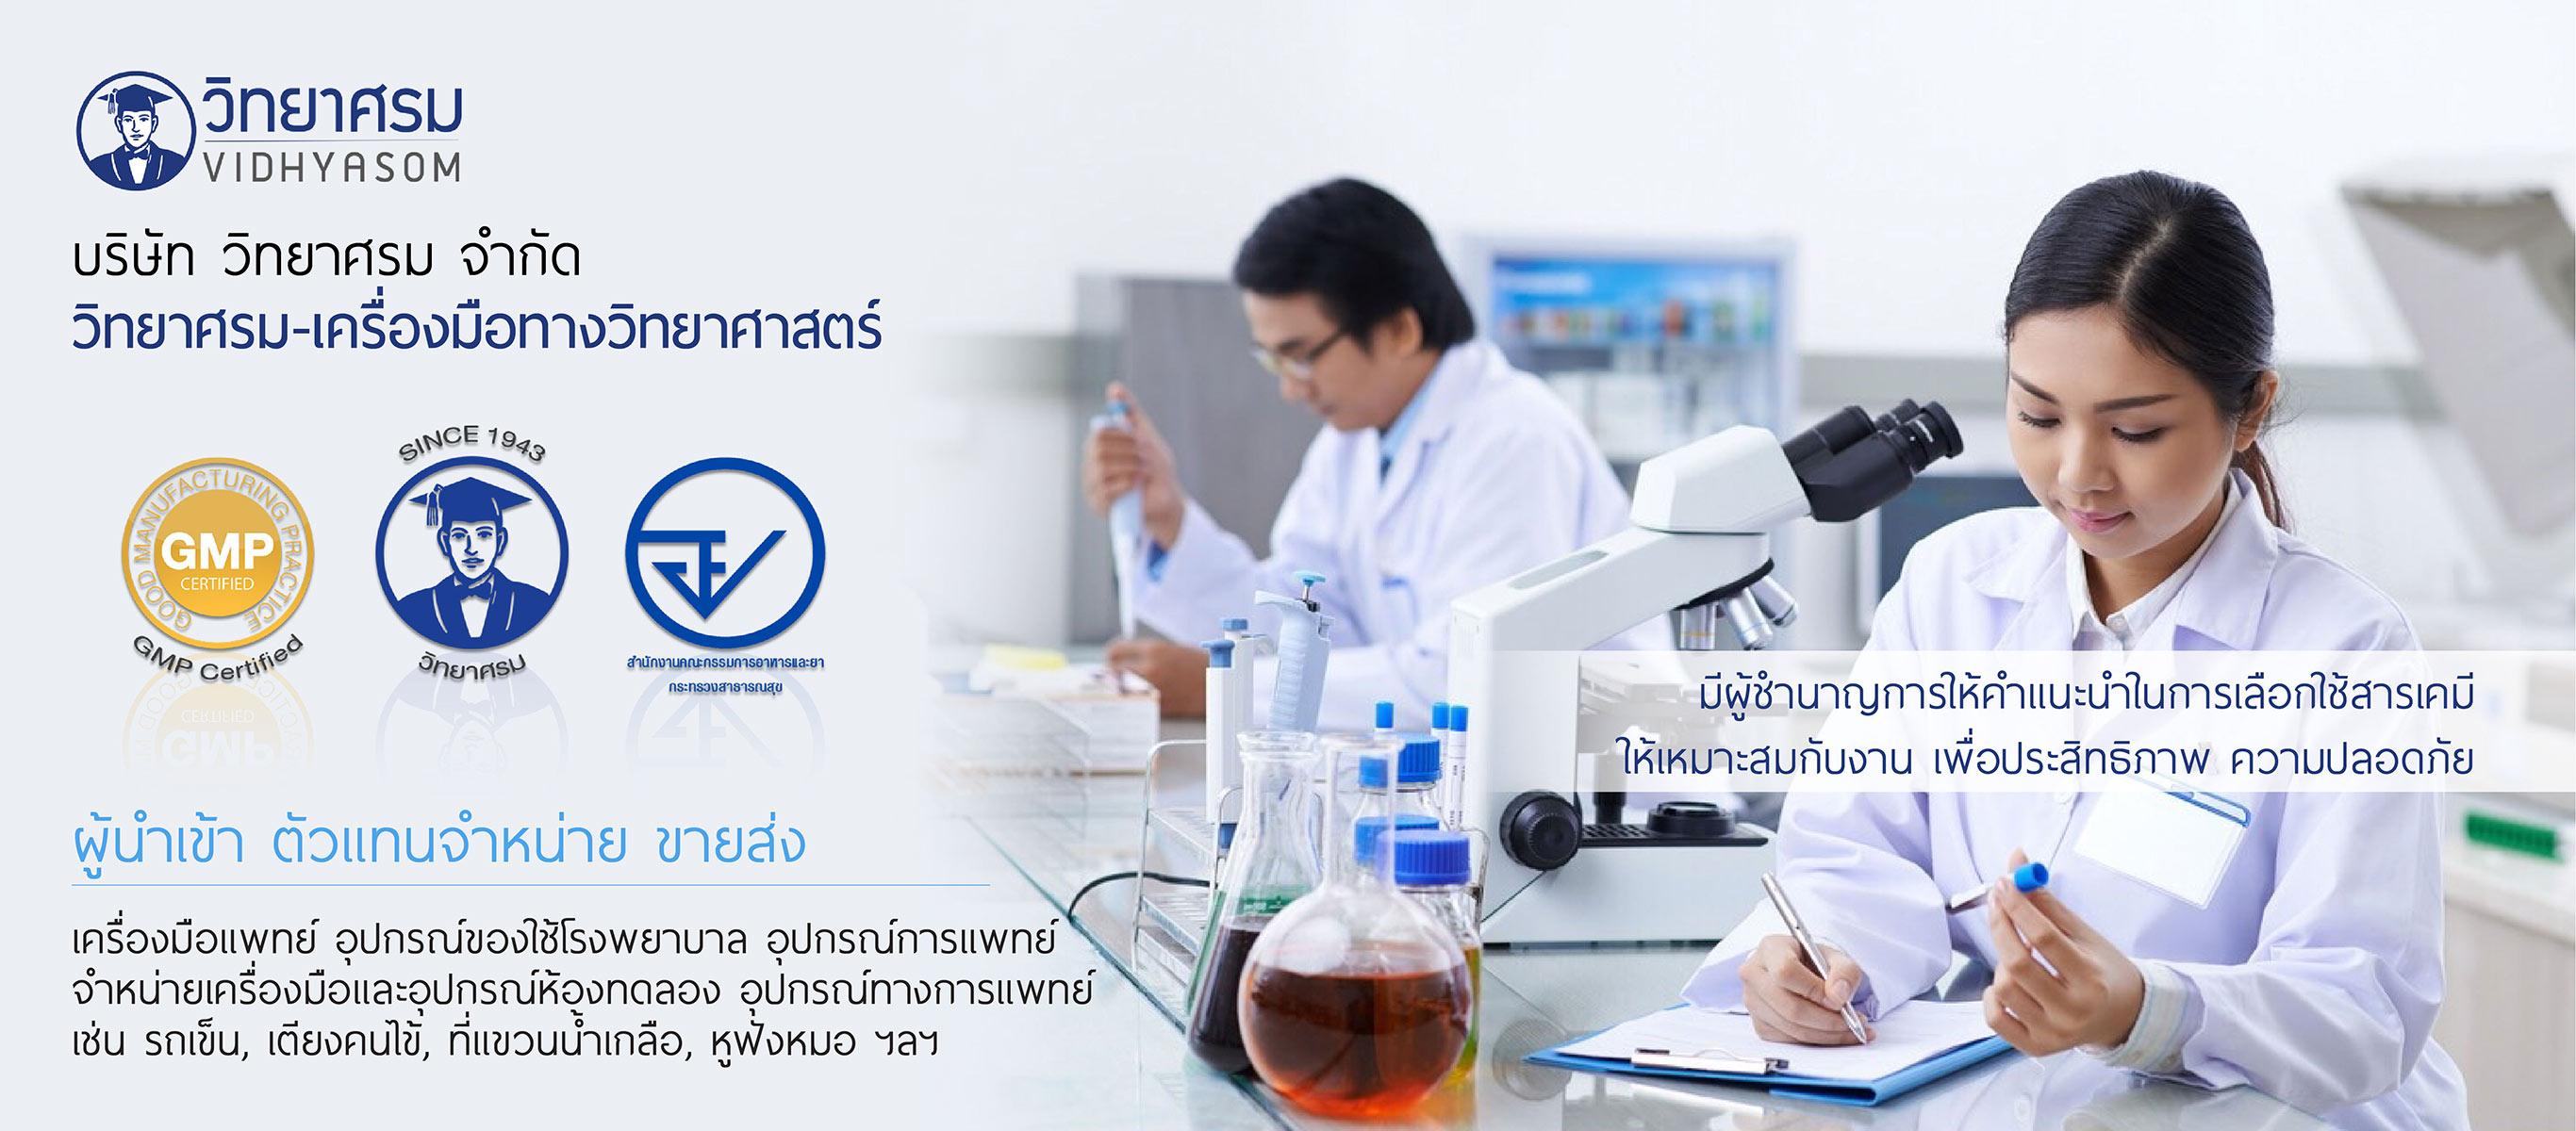 วิทยาศรม-เครื่องมือทางวิทยาศาสตร์